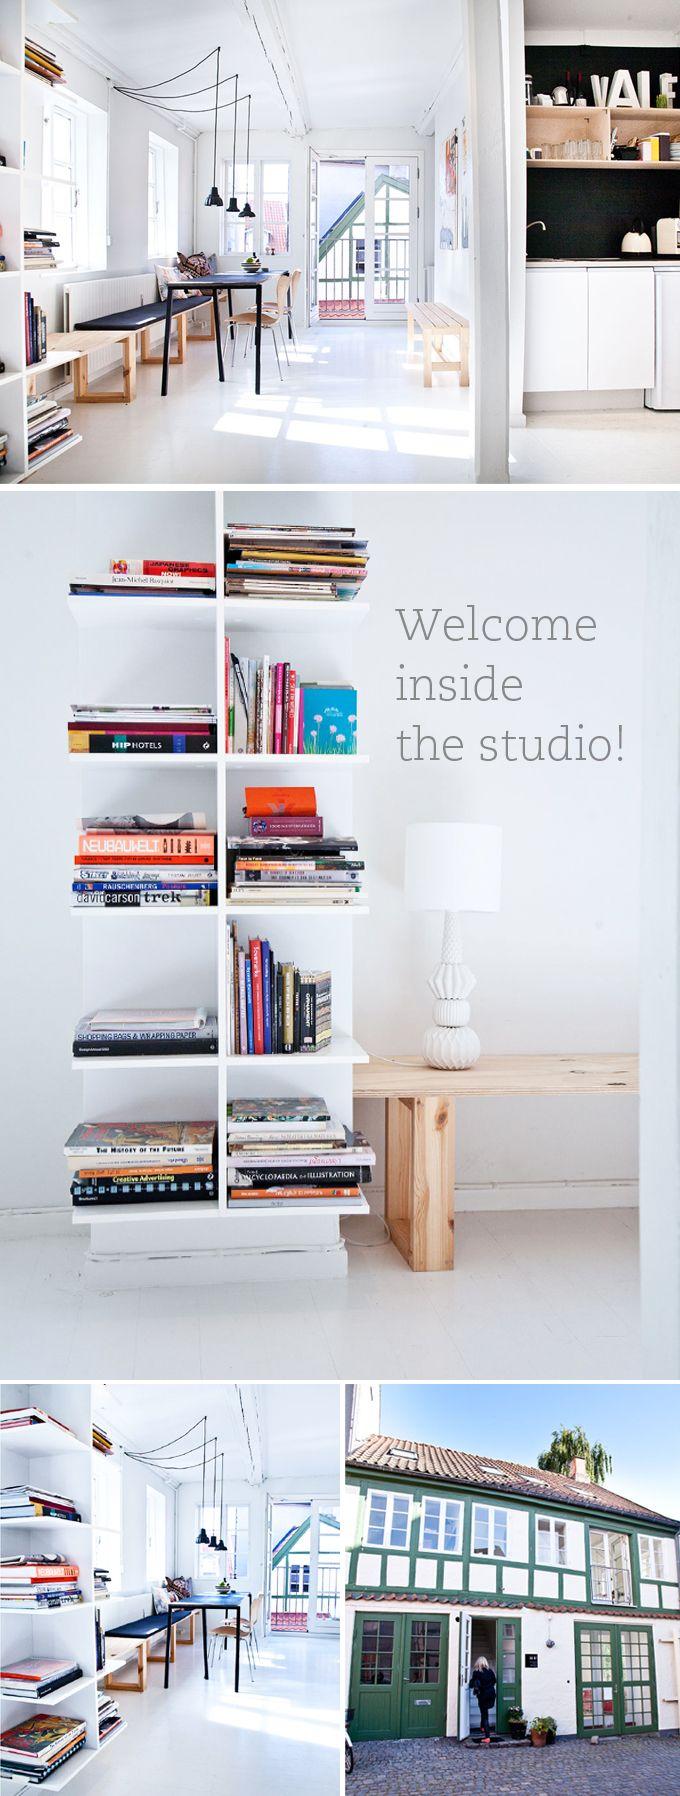 Welcome inside my studio!  www.spagat.dk